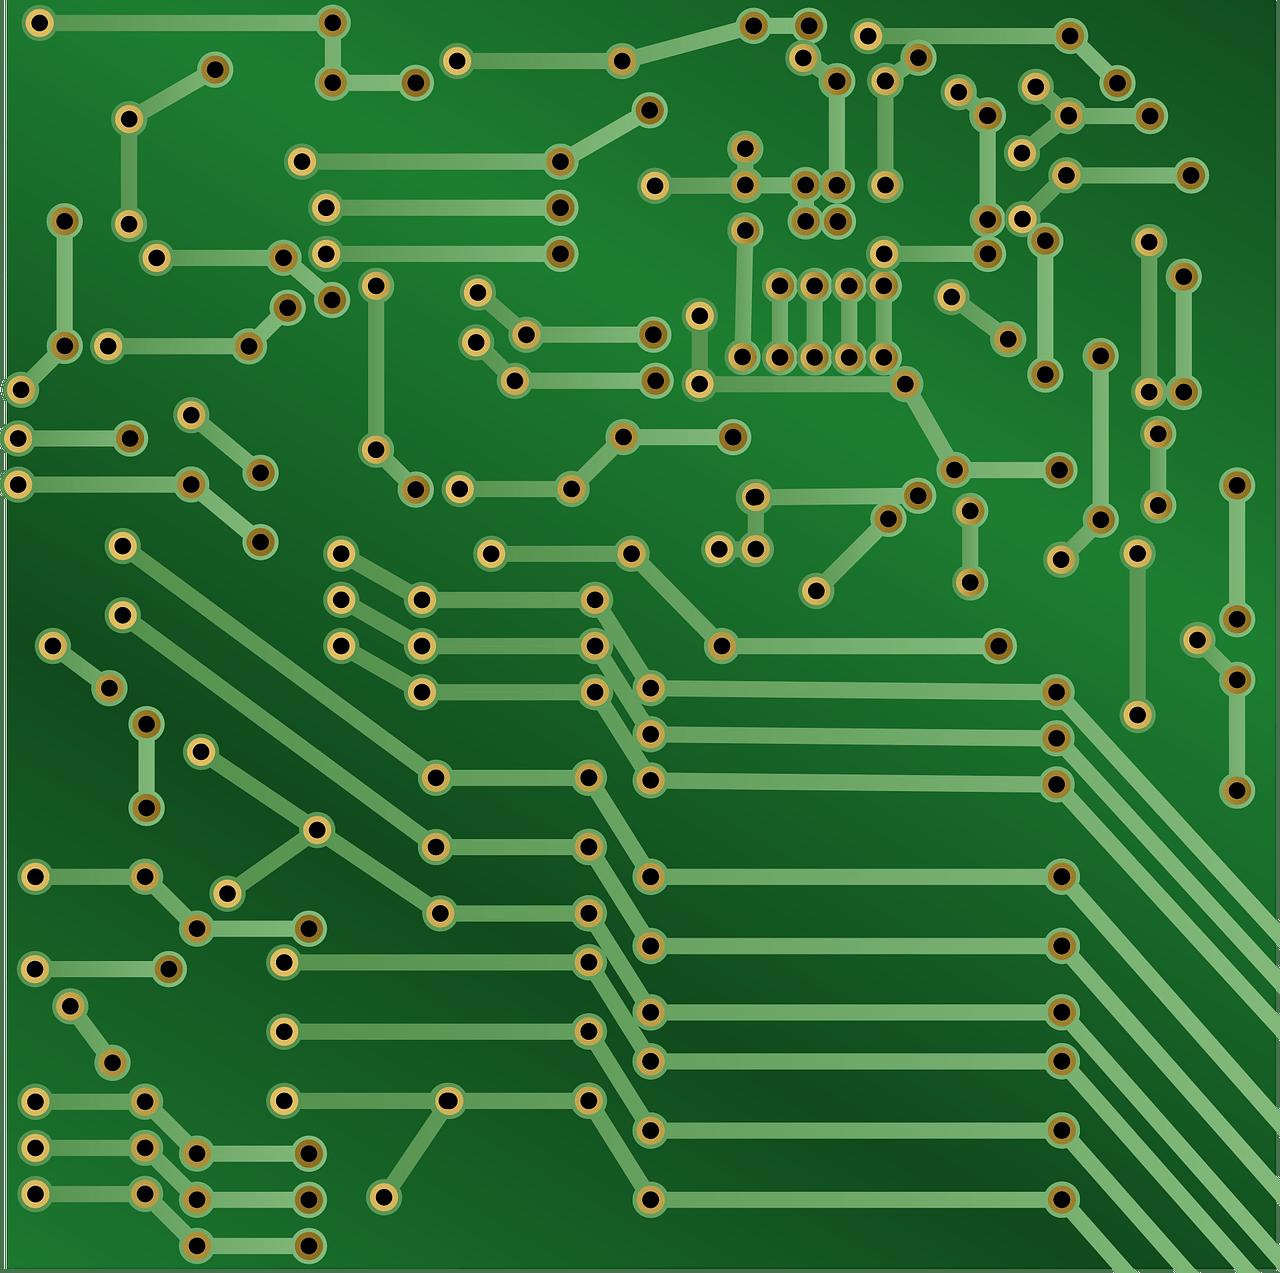 [Quimper] Electronique - Les mercredis des sciences